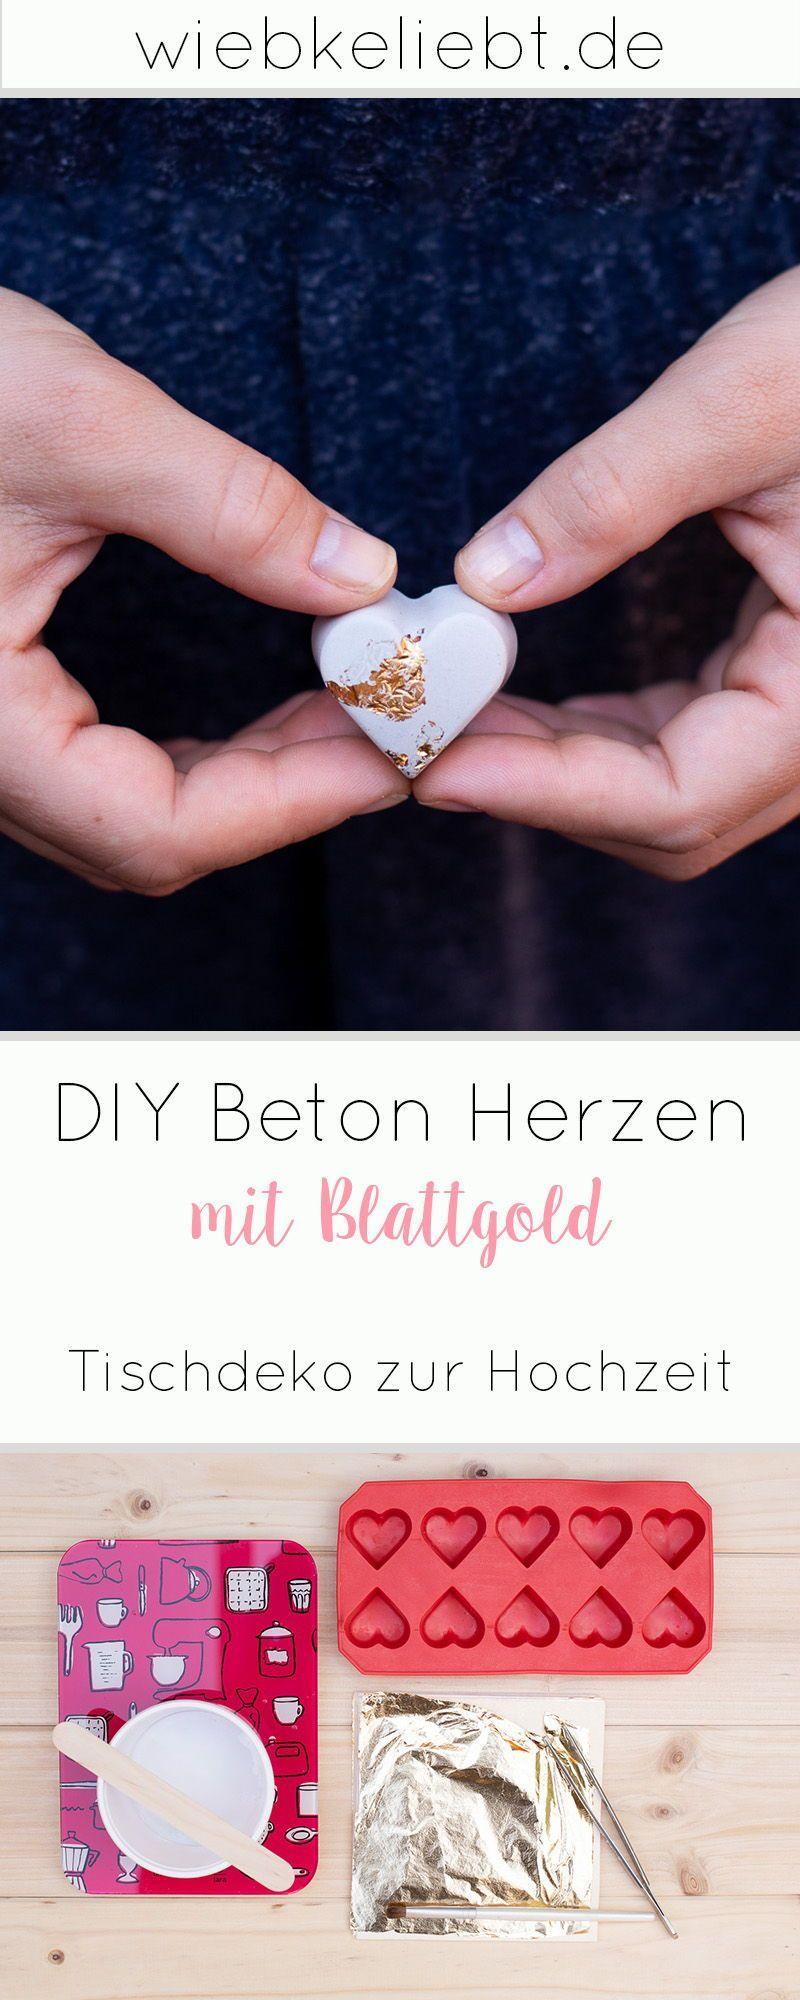 DIY Beton Herzen mit Blattgold – Tischdeko zur Hochzeit | DIY Blog | Do-it-yourself Anleitungen zum Selbermachen | Wiebkeliebt